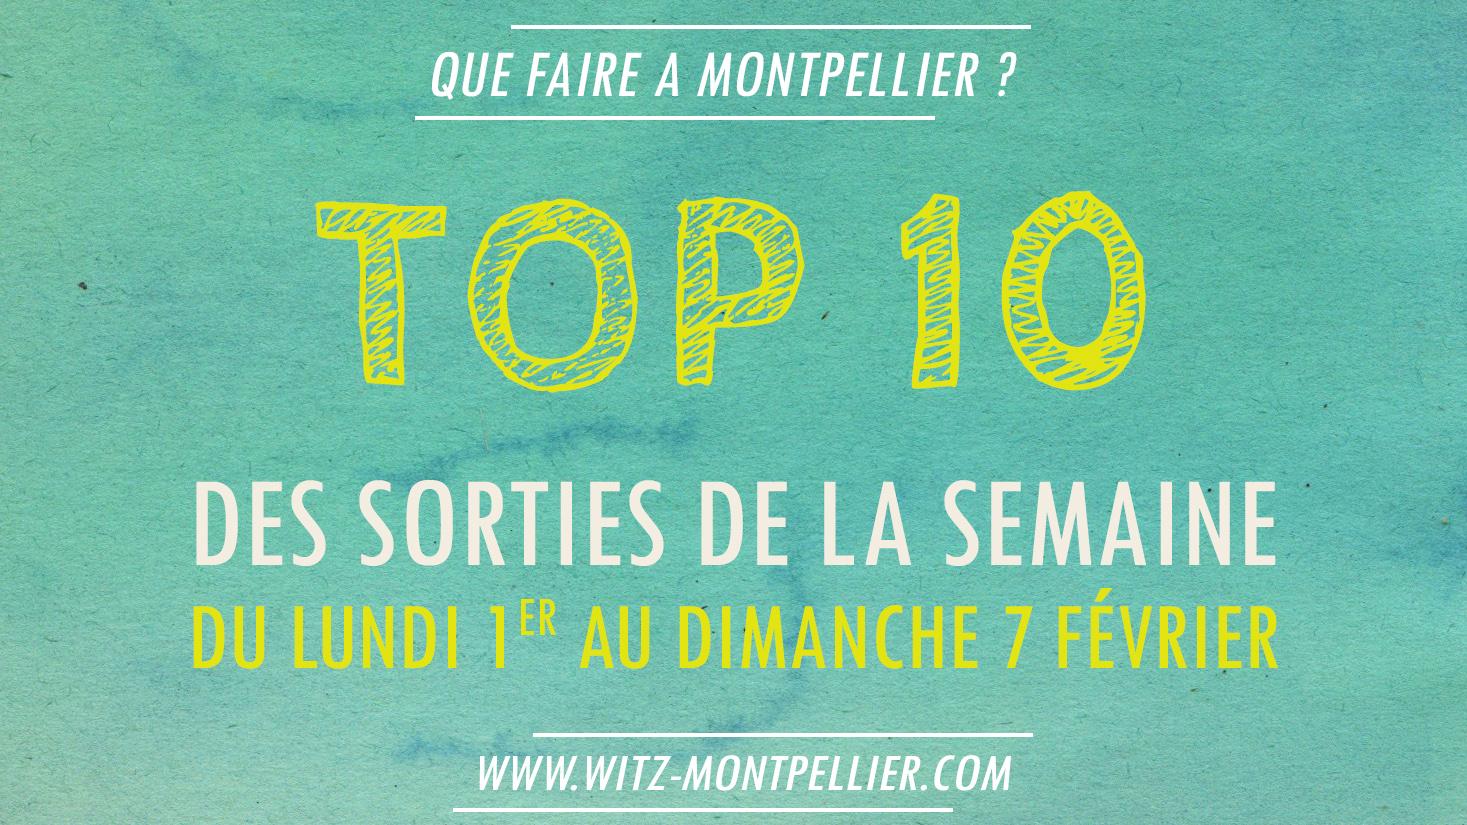 TOP 10 des sorties de la semaine à Montpellier !